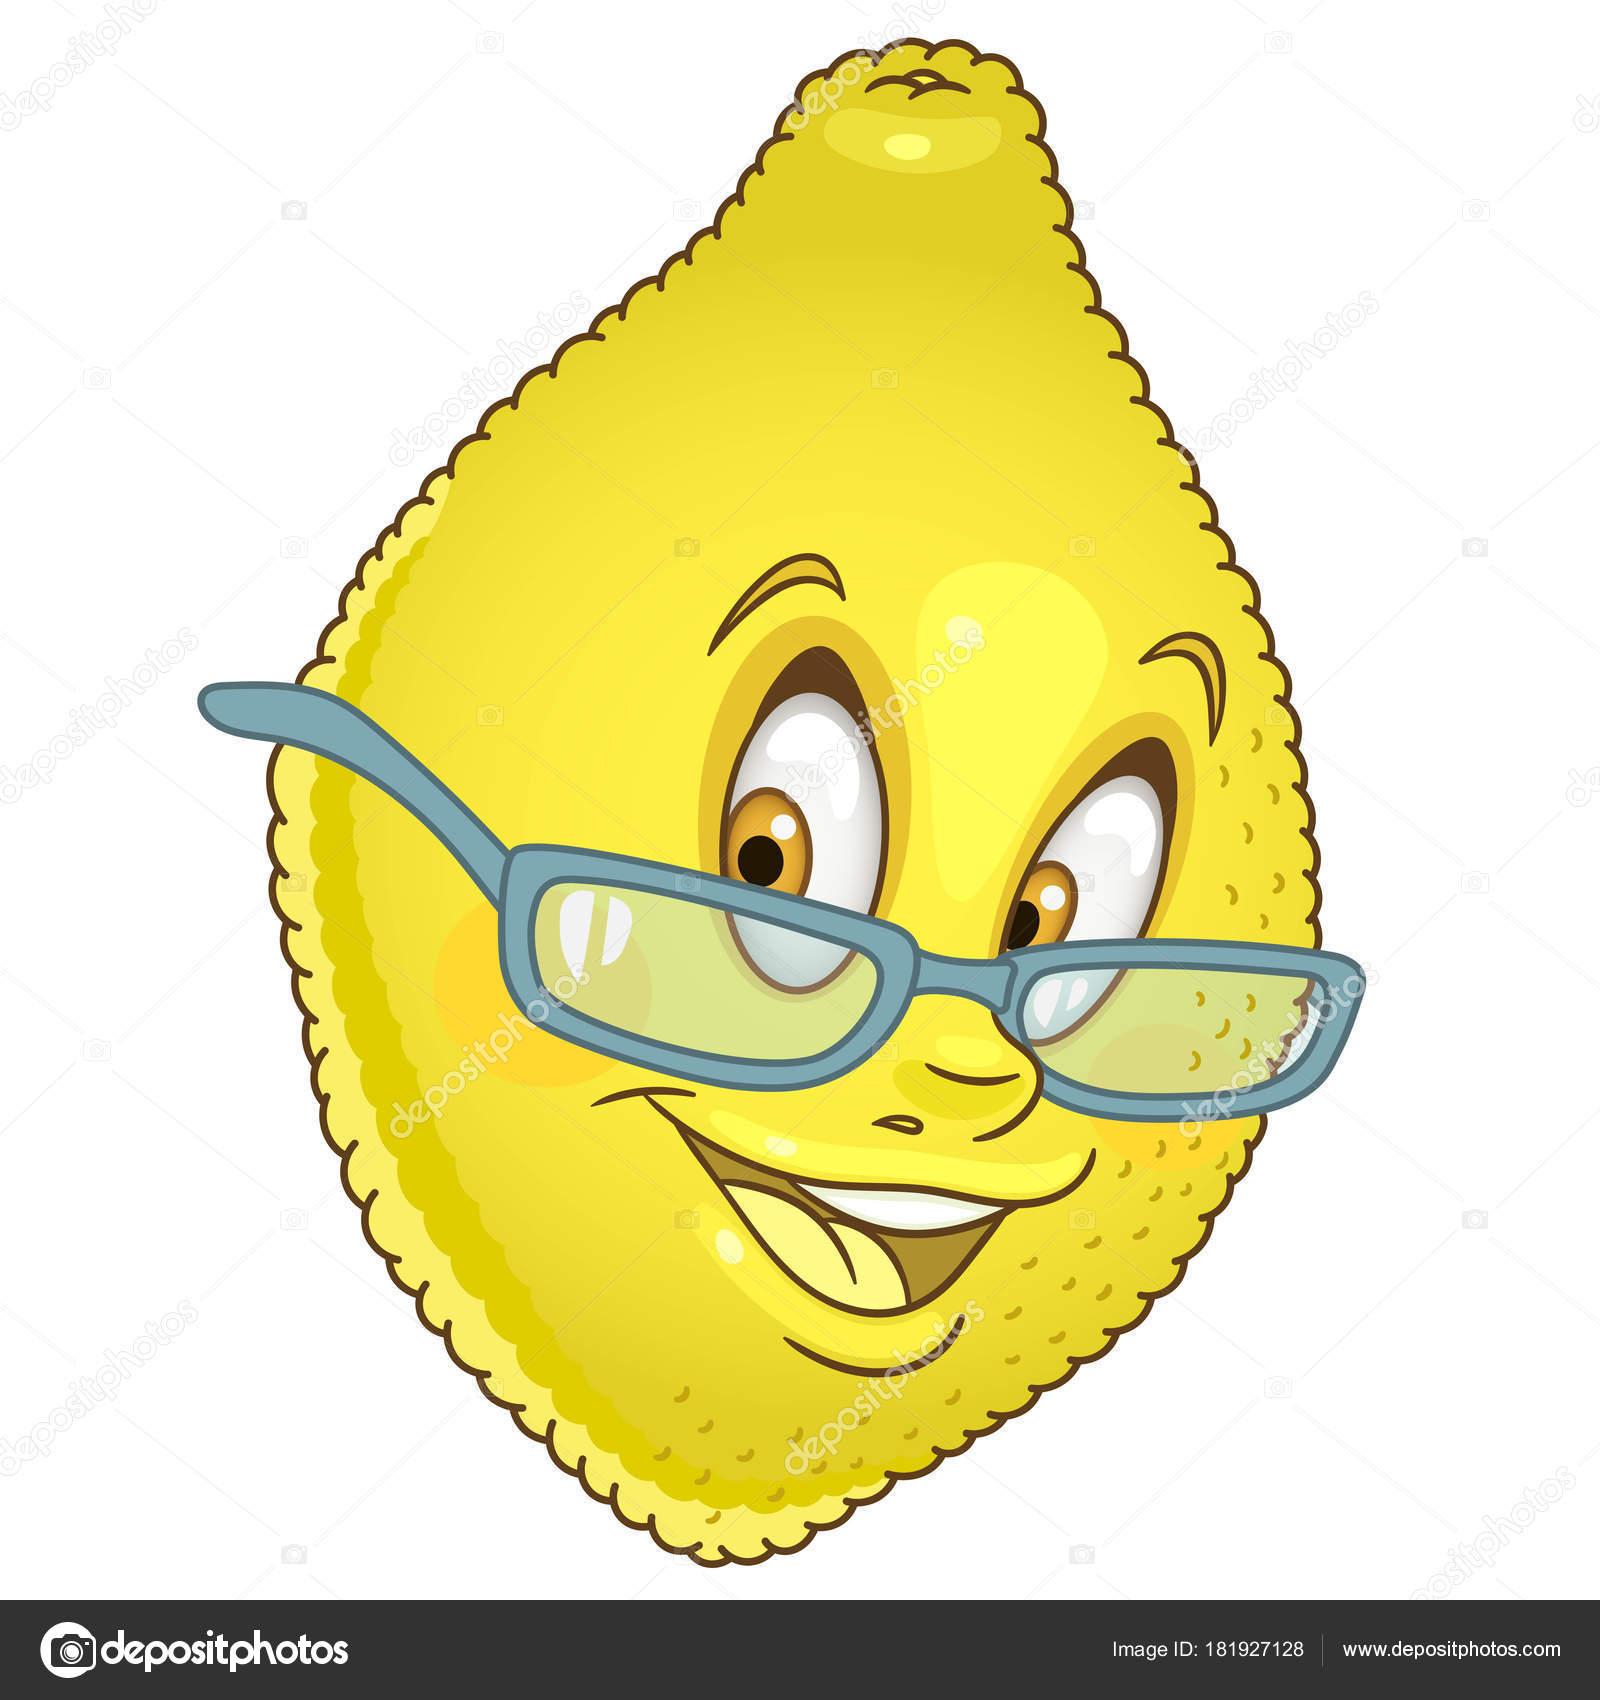 Icono de dibujos animados de limón — Archivo Imágenes Vectoriales ...